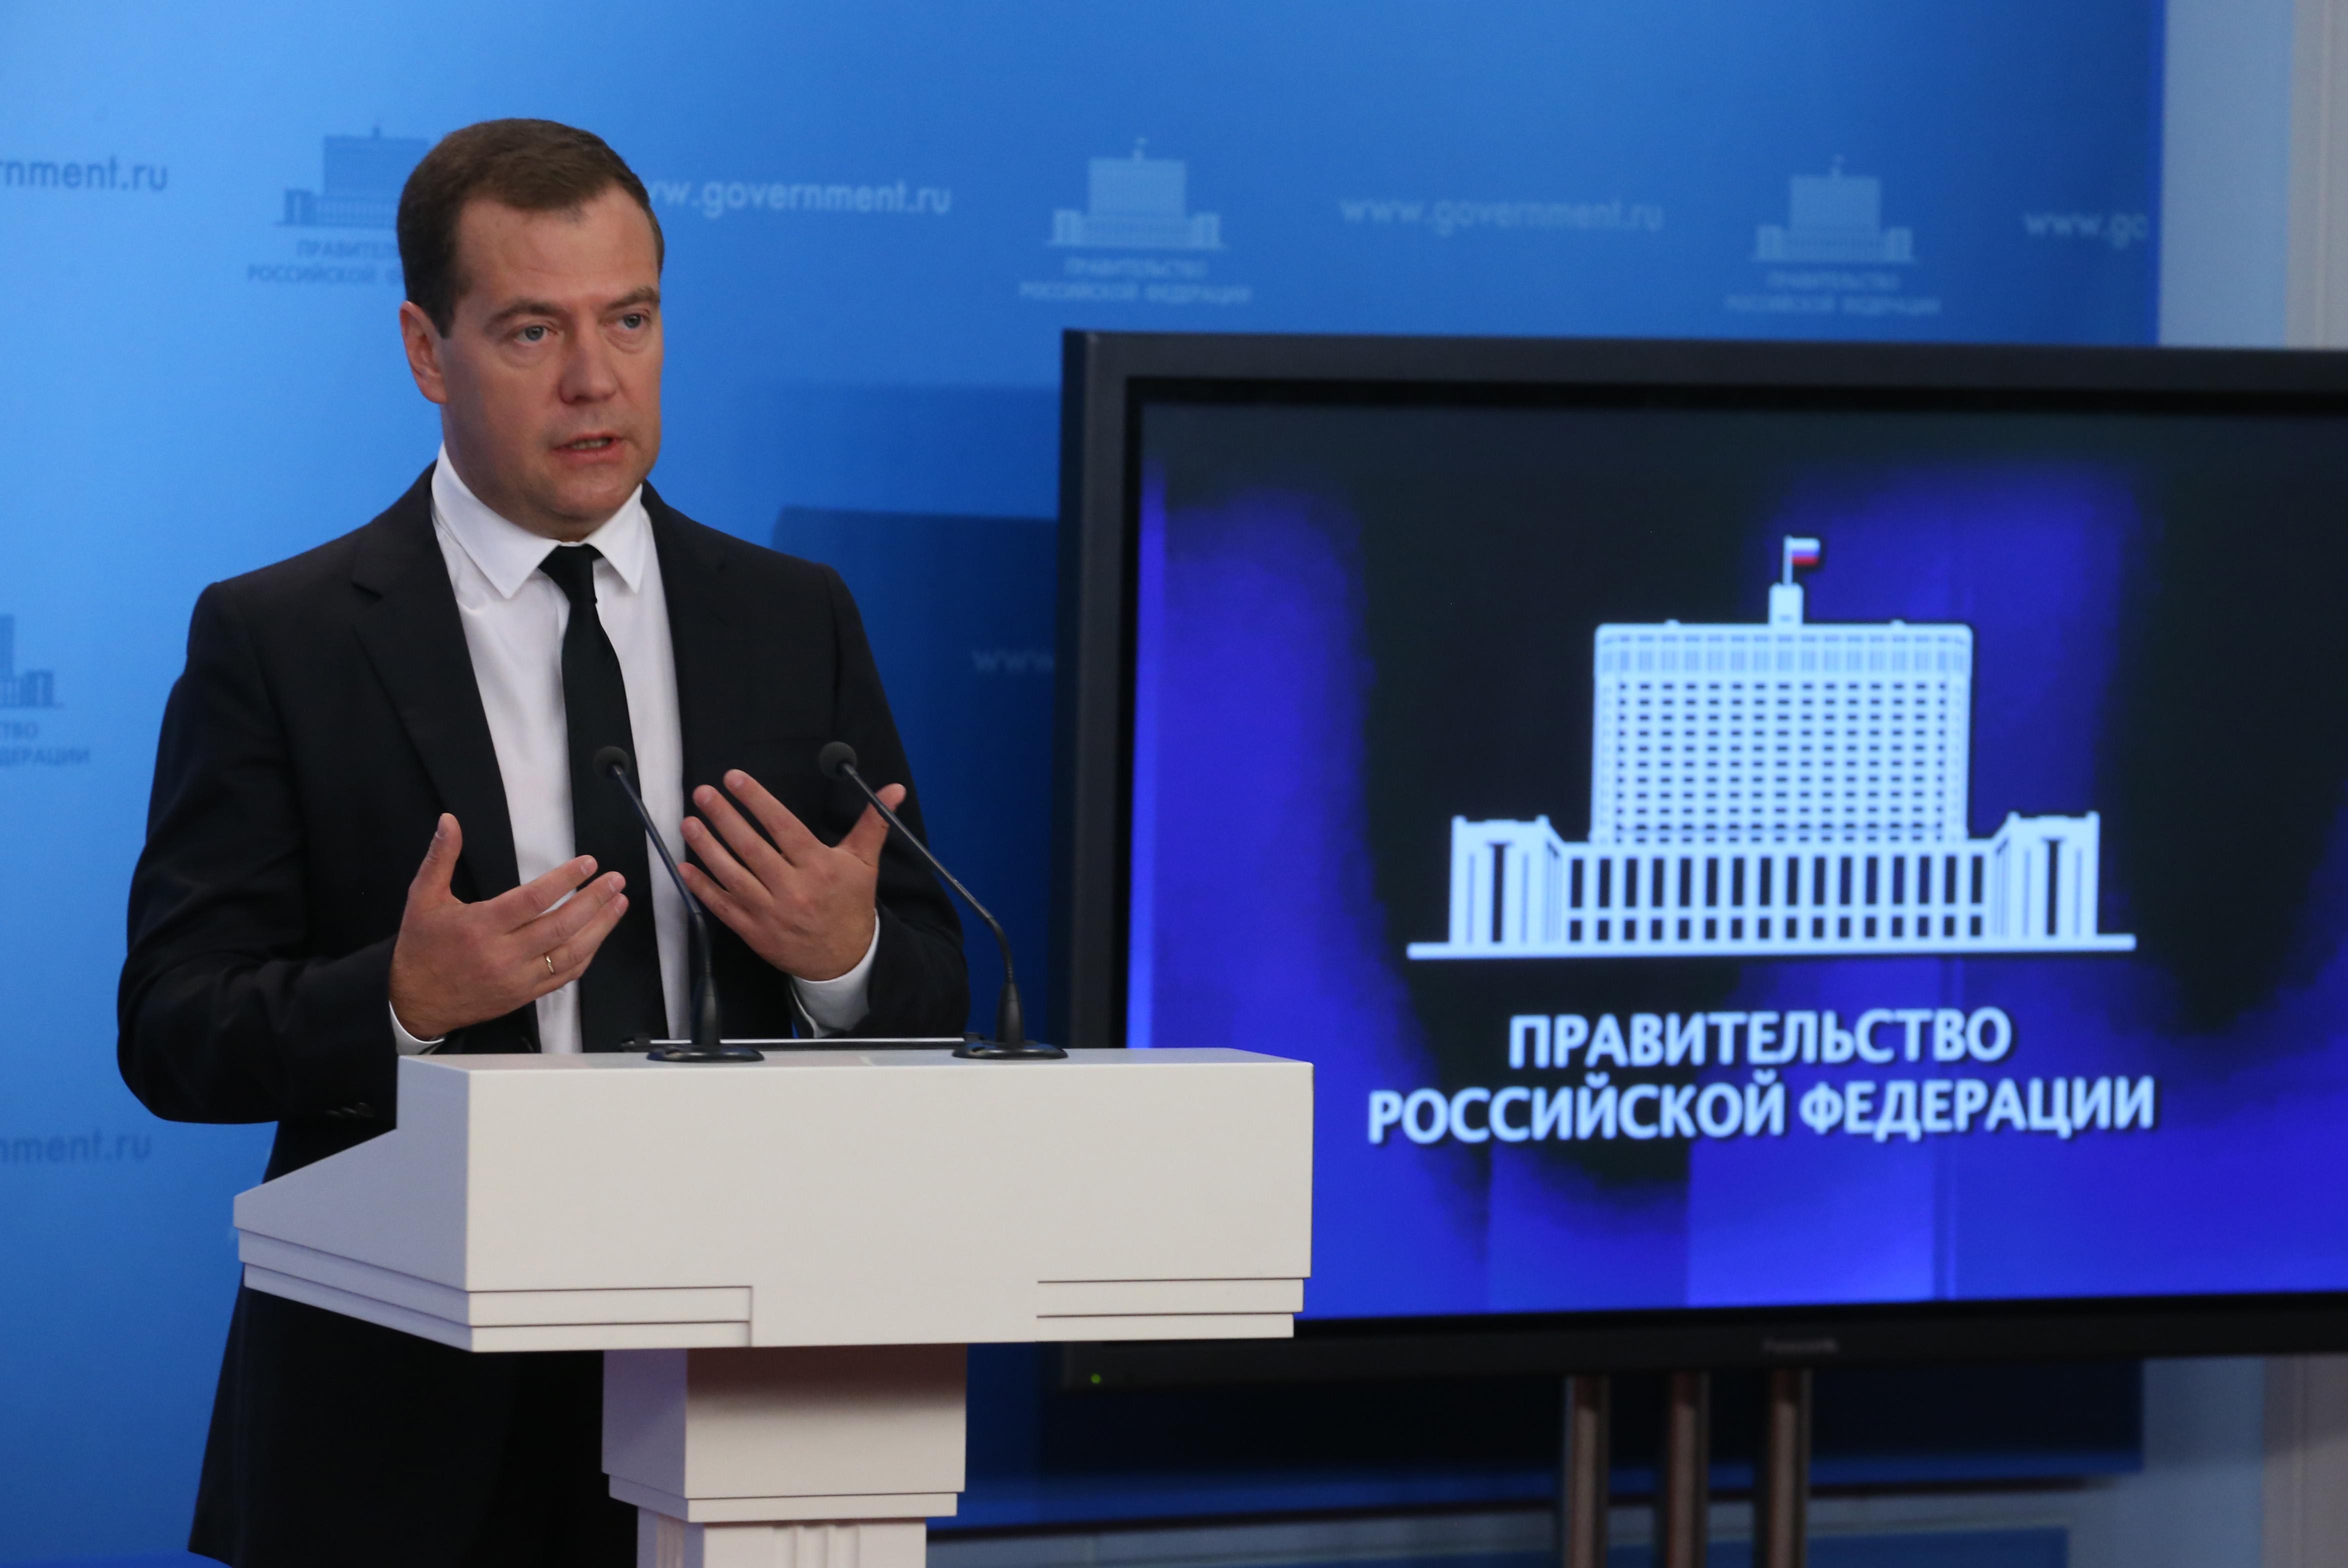 Дмитрий Медведев принял участие в совещании торговых представителей РФ в иностранных государствах